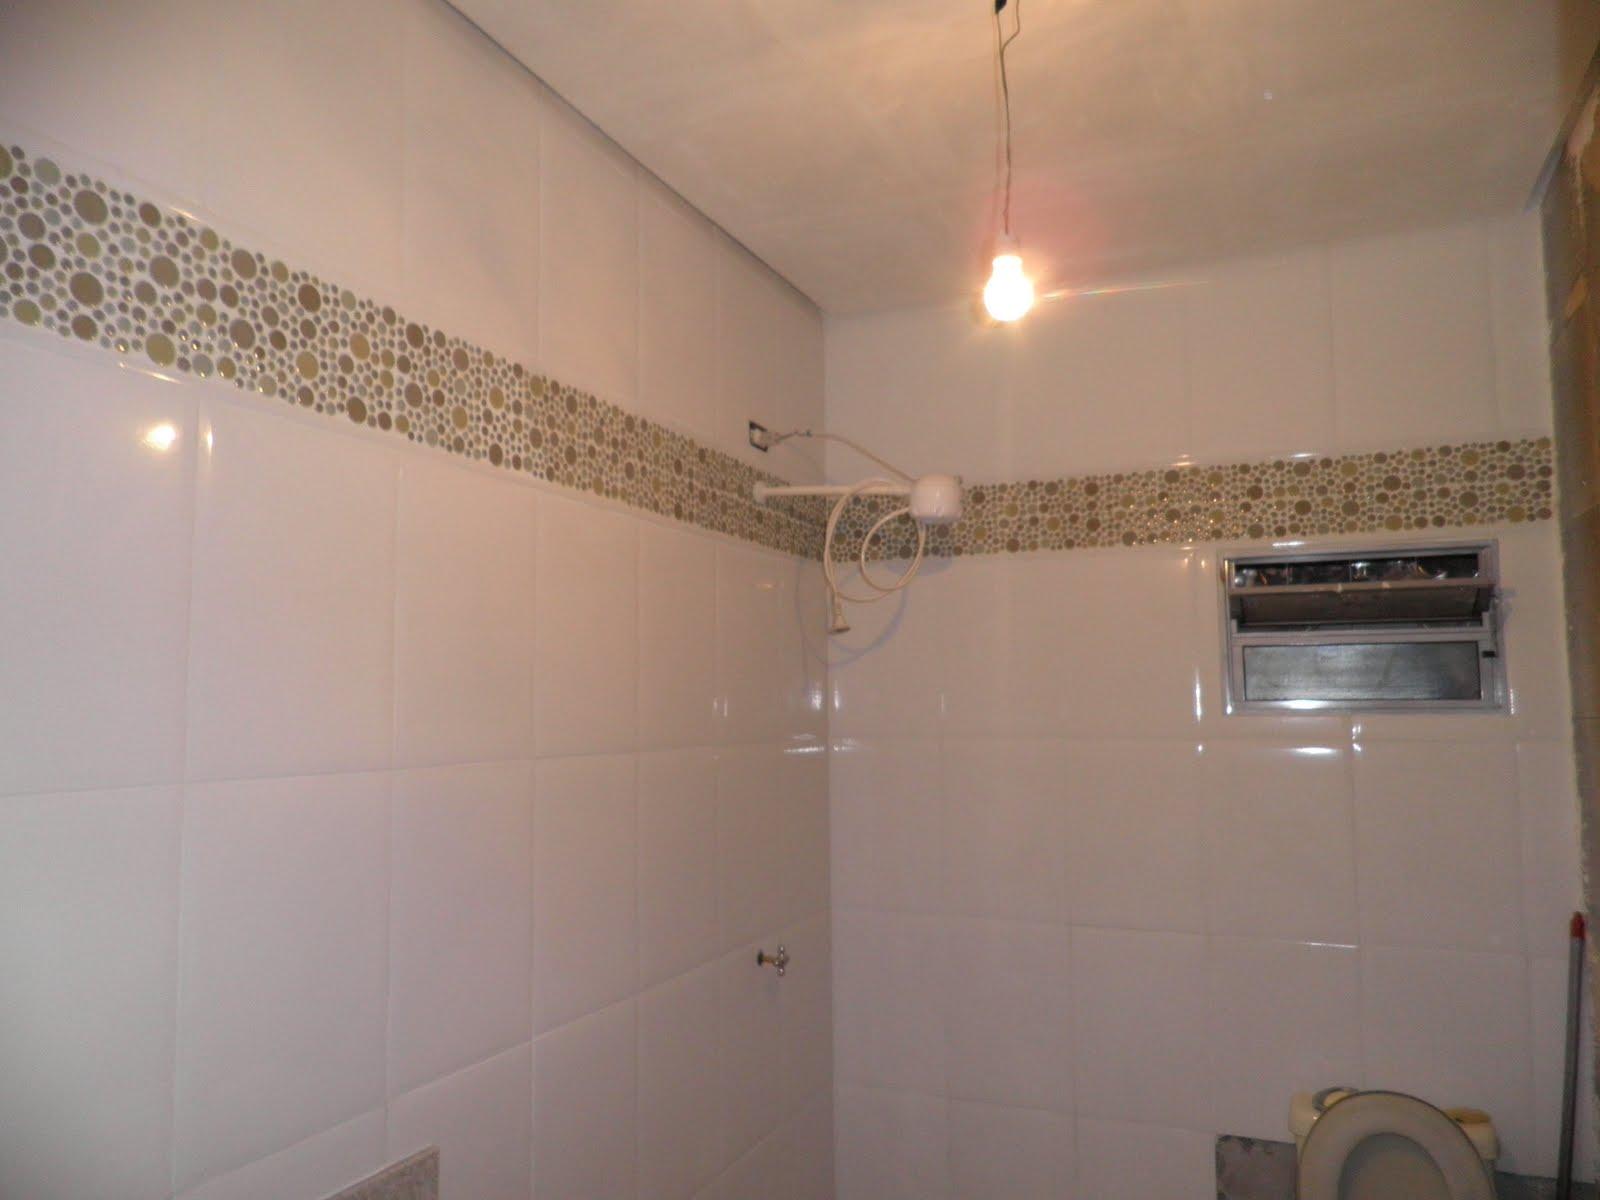 substituídos depois da pintura o chuveiro e o vaso sanitário #5F4B39 1600x1200 Banheiro Com Pastilha Atras Do Vaso Sanitario